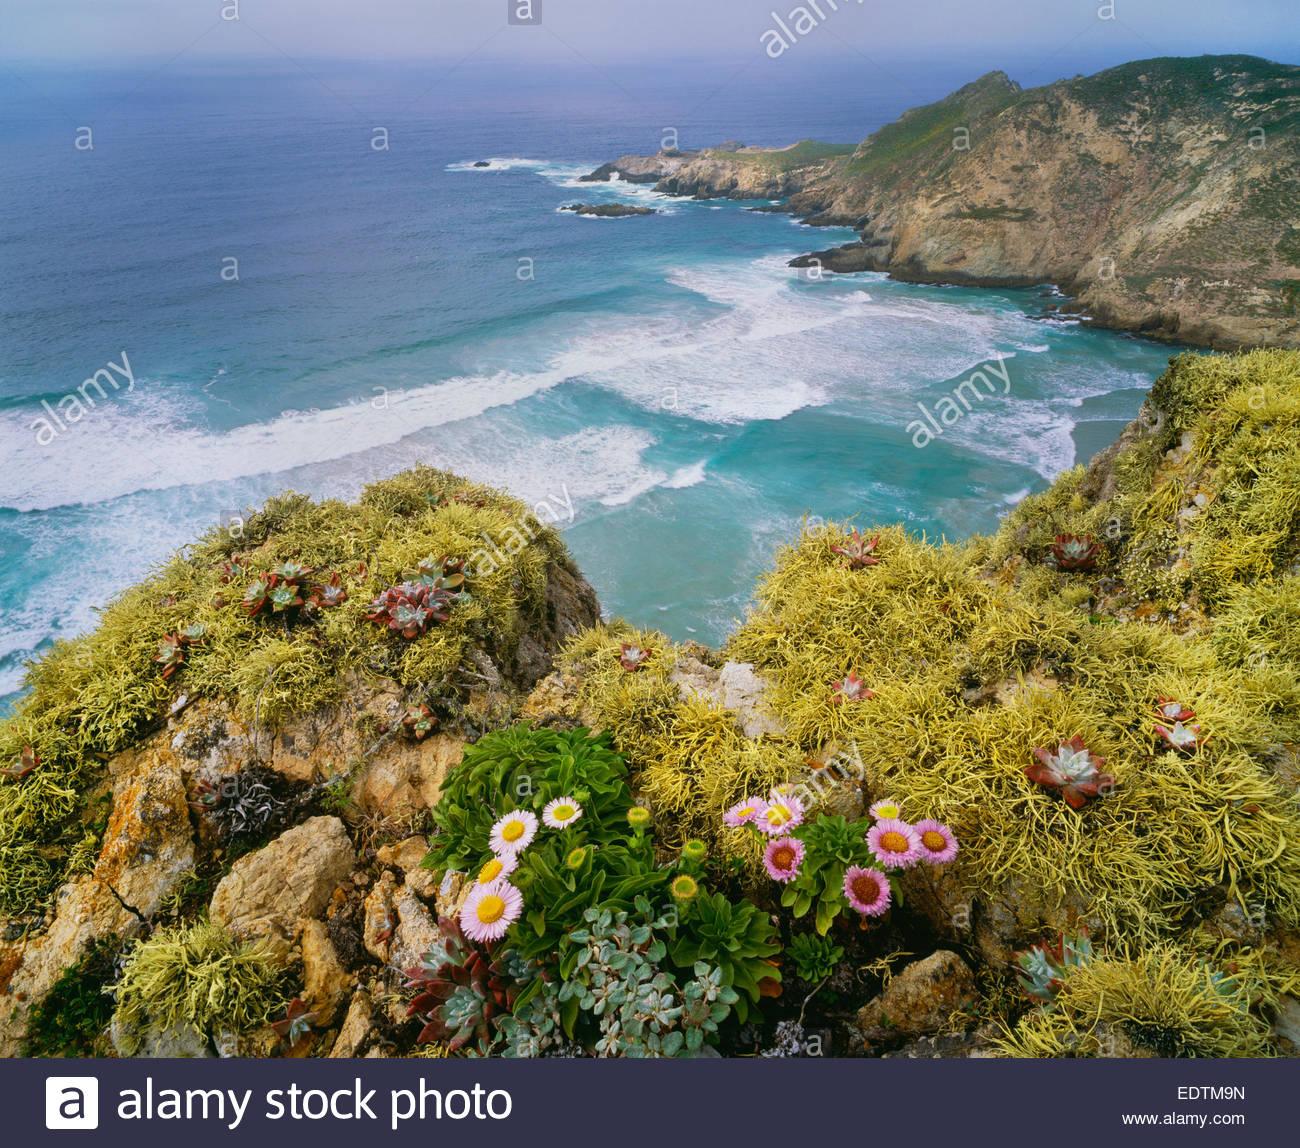 Avec Harris Point station marguerites et de lichens. L'île San Miguel. Channel Islands National Park, Californie Photo Stock